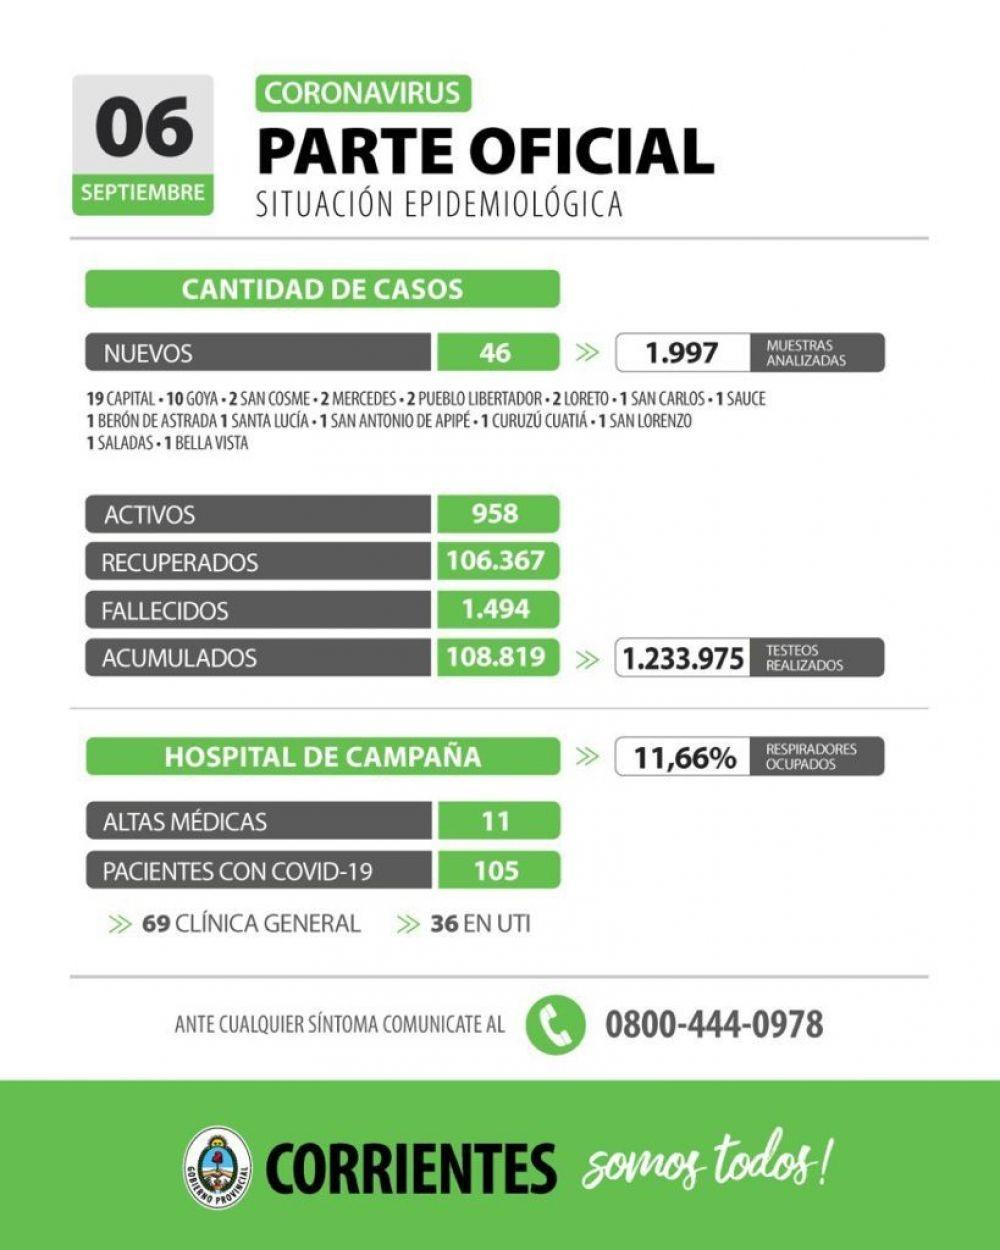 Informan solo 46 nuevos casos de coronavirus en Corrientes